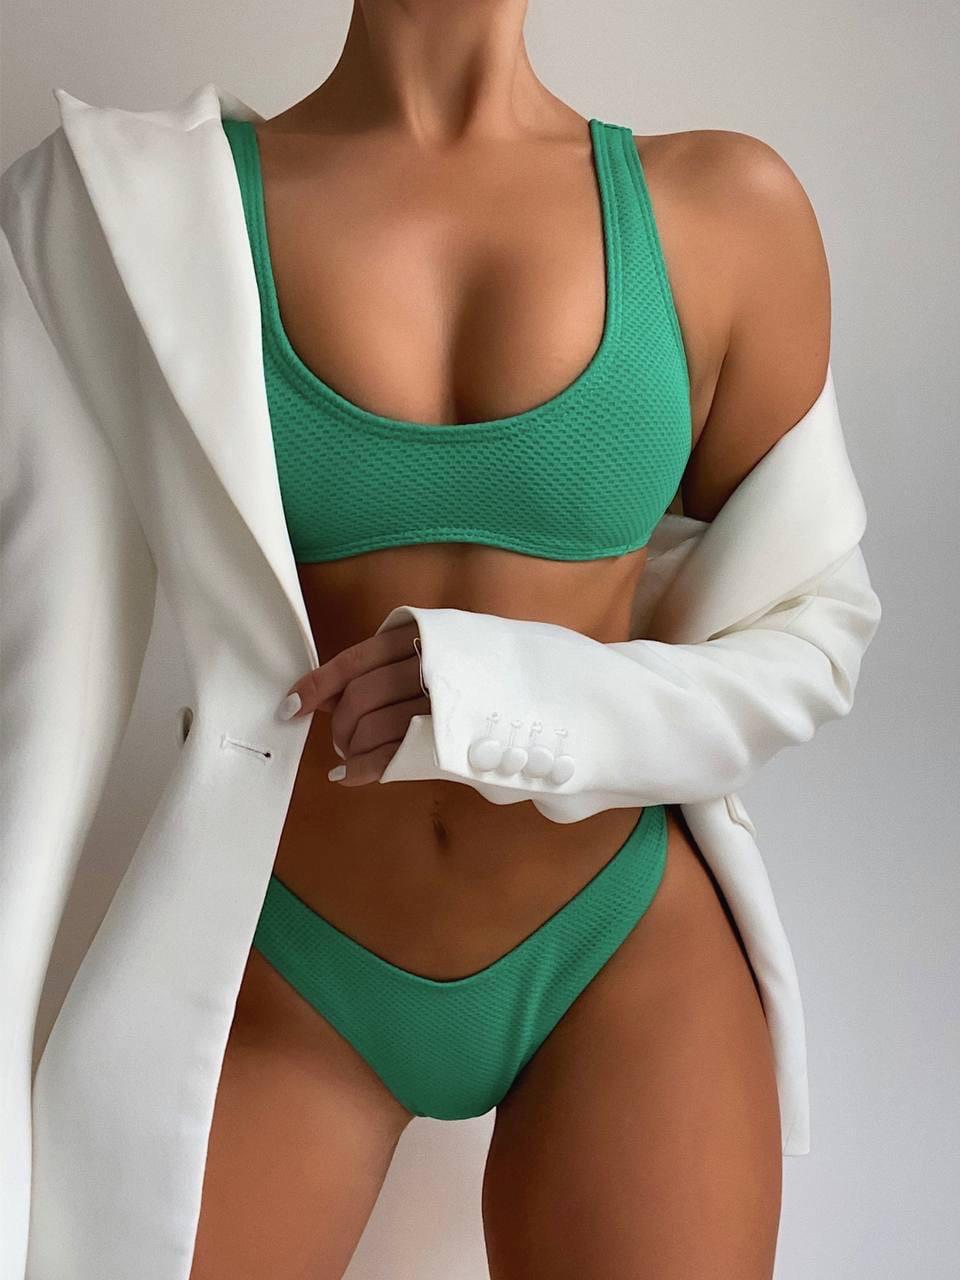 Жіночий купальник зеленого кольору з відкритим топом і плавками бразилианы (р. S, M) 7725908